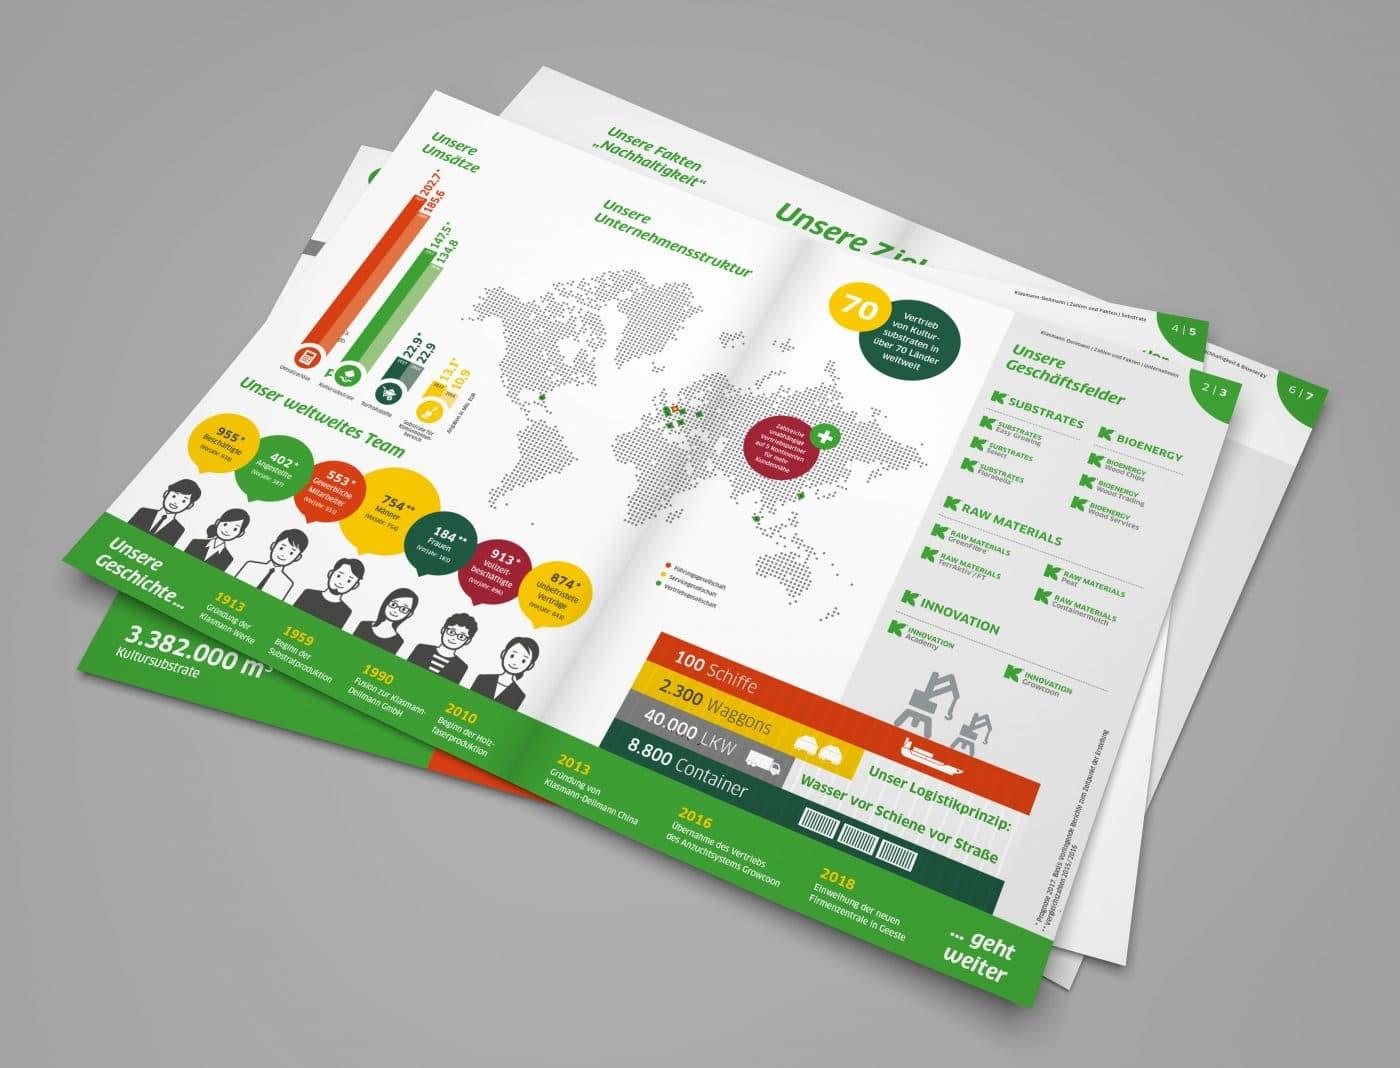 kd zahlen fakten 02 - Eine ganze Broschüre auf den Punkt gebracht – Corporate Design, Grafikdesign, Kommunikationsdesign, Markenentwicklung, Editorial Design